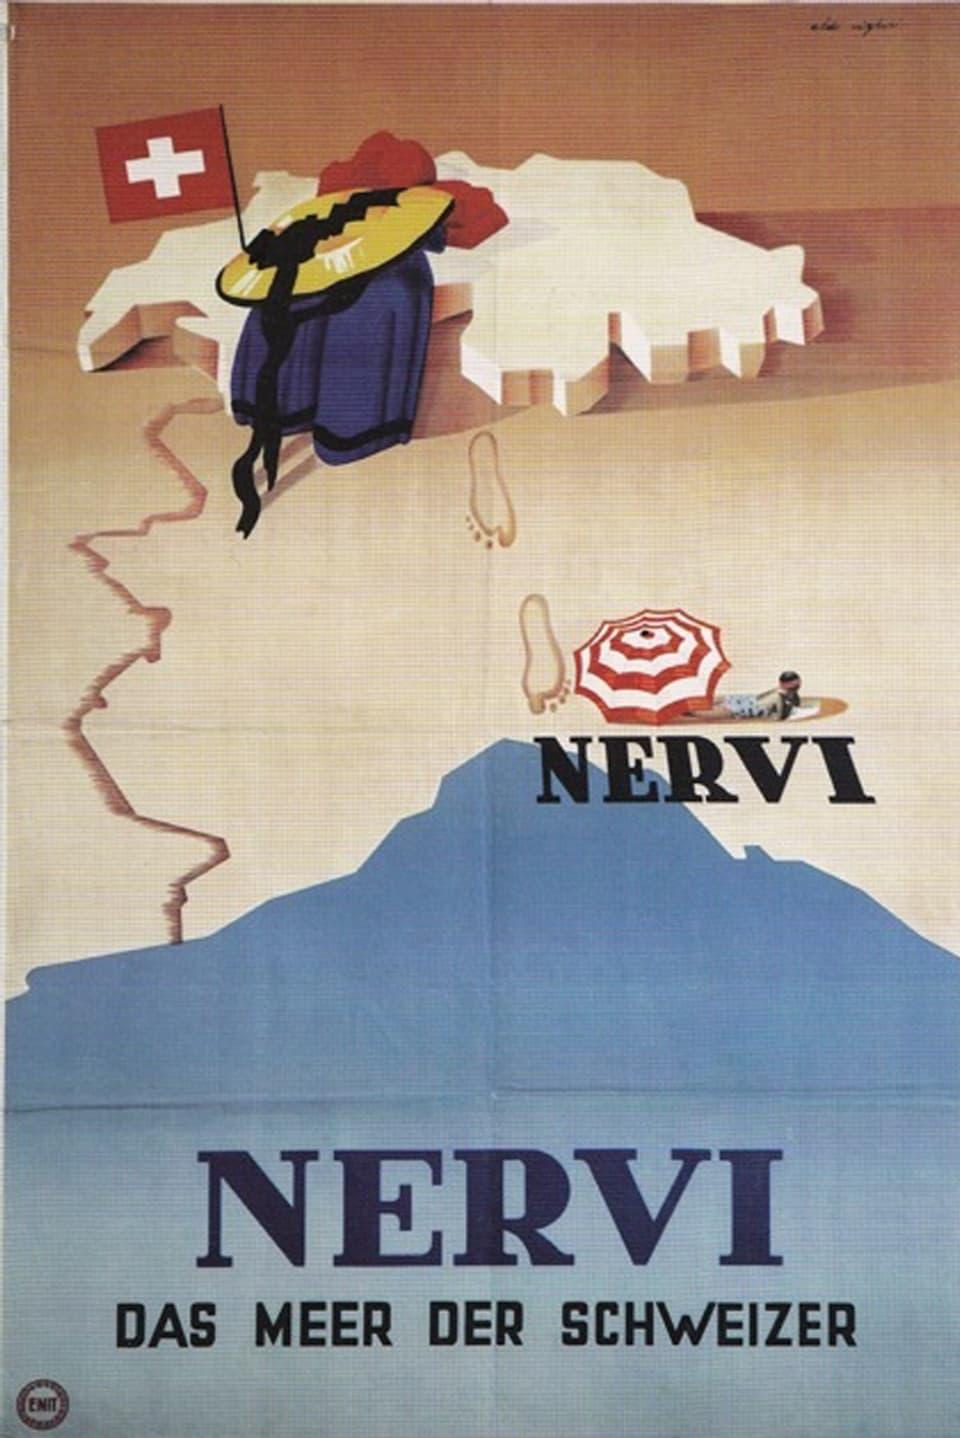 In placat da reclama per Nervi dal 1948.